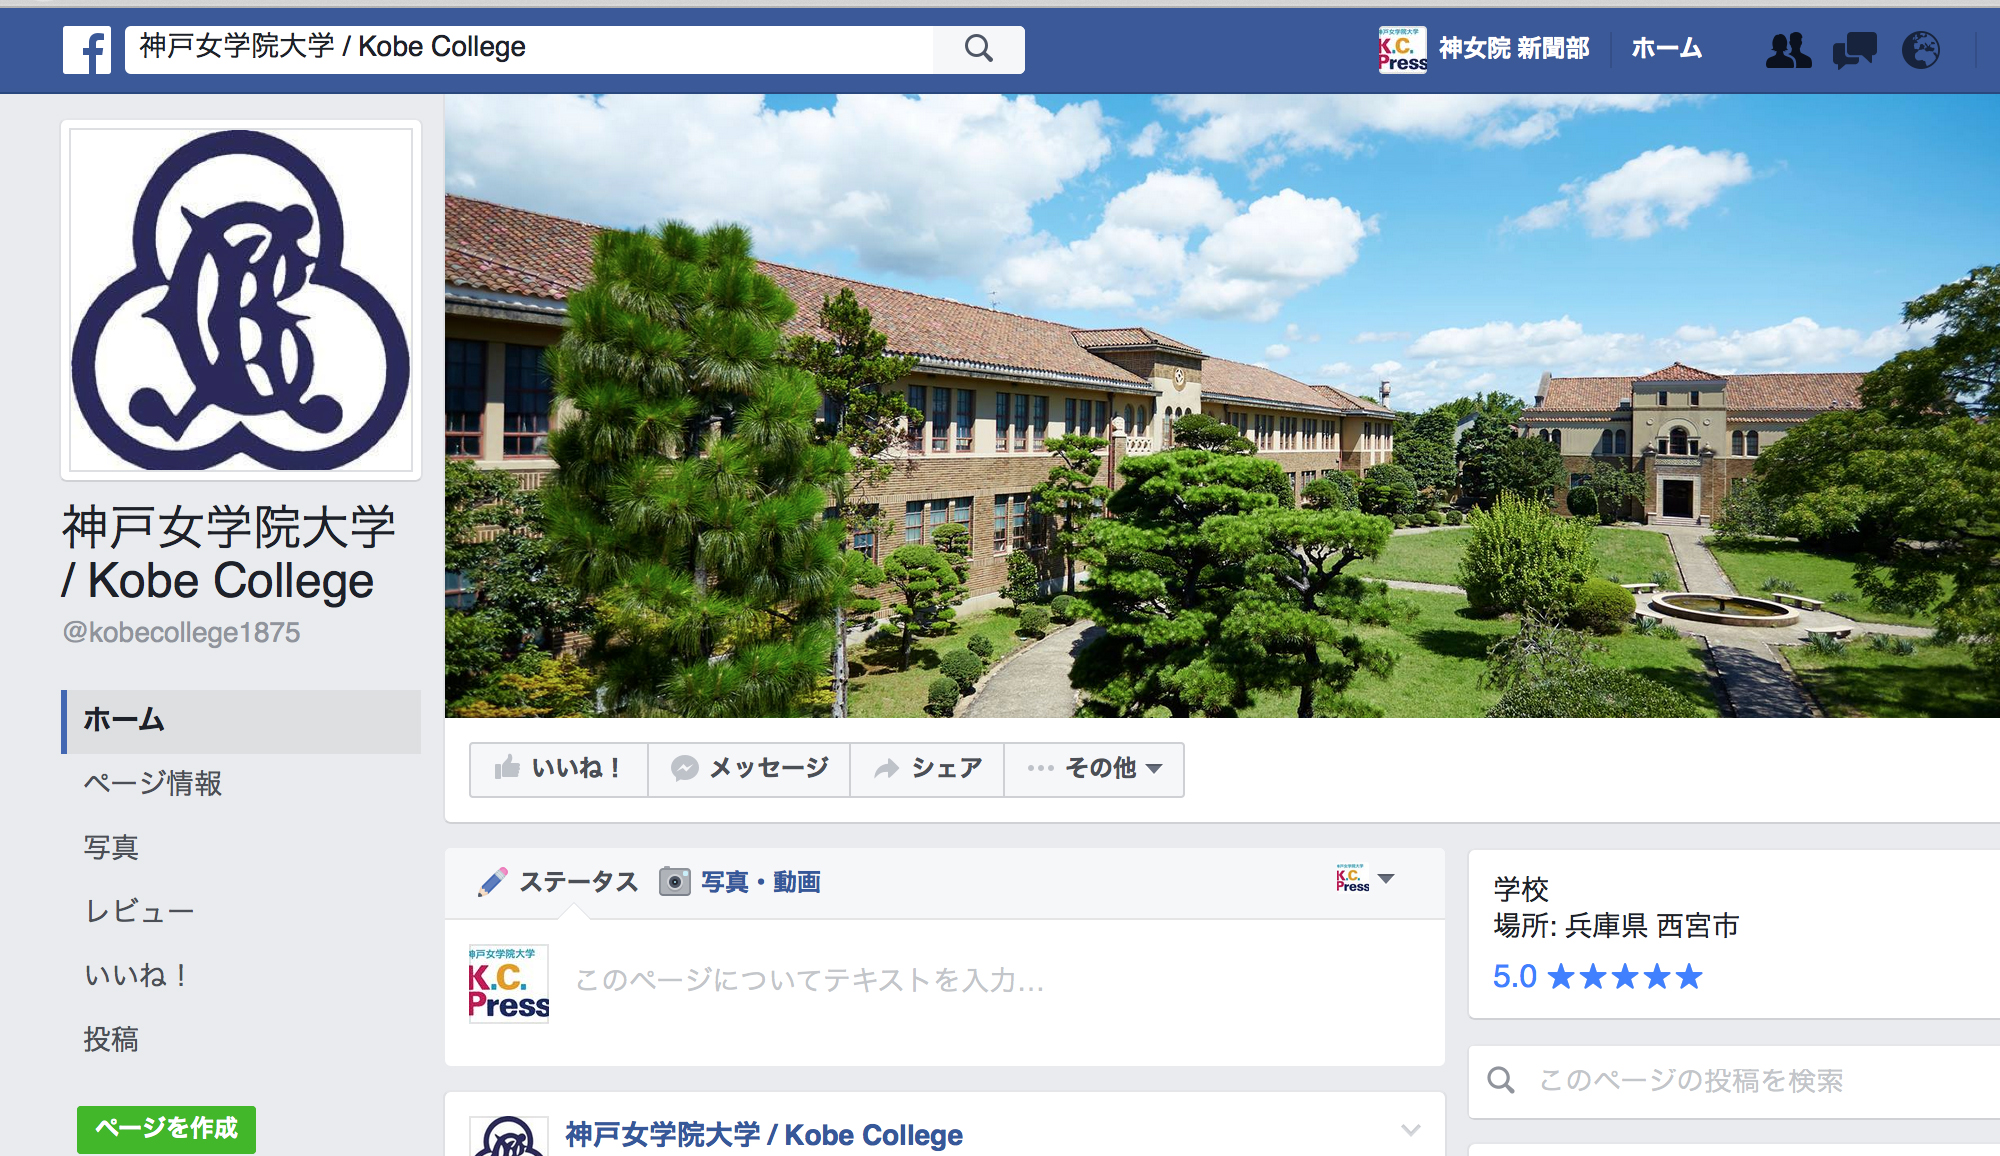 【11・12月号】SNSアカウント 開設  大学、イベント情報など発信